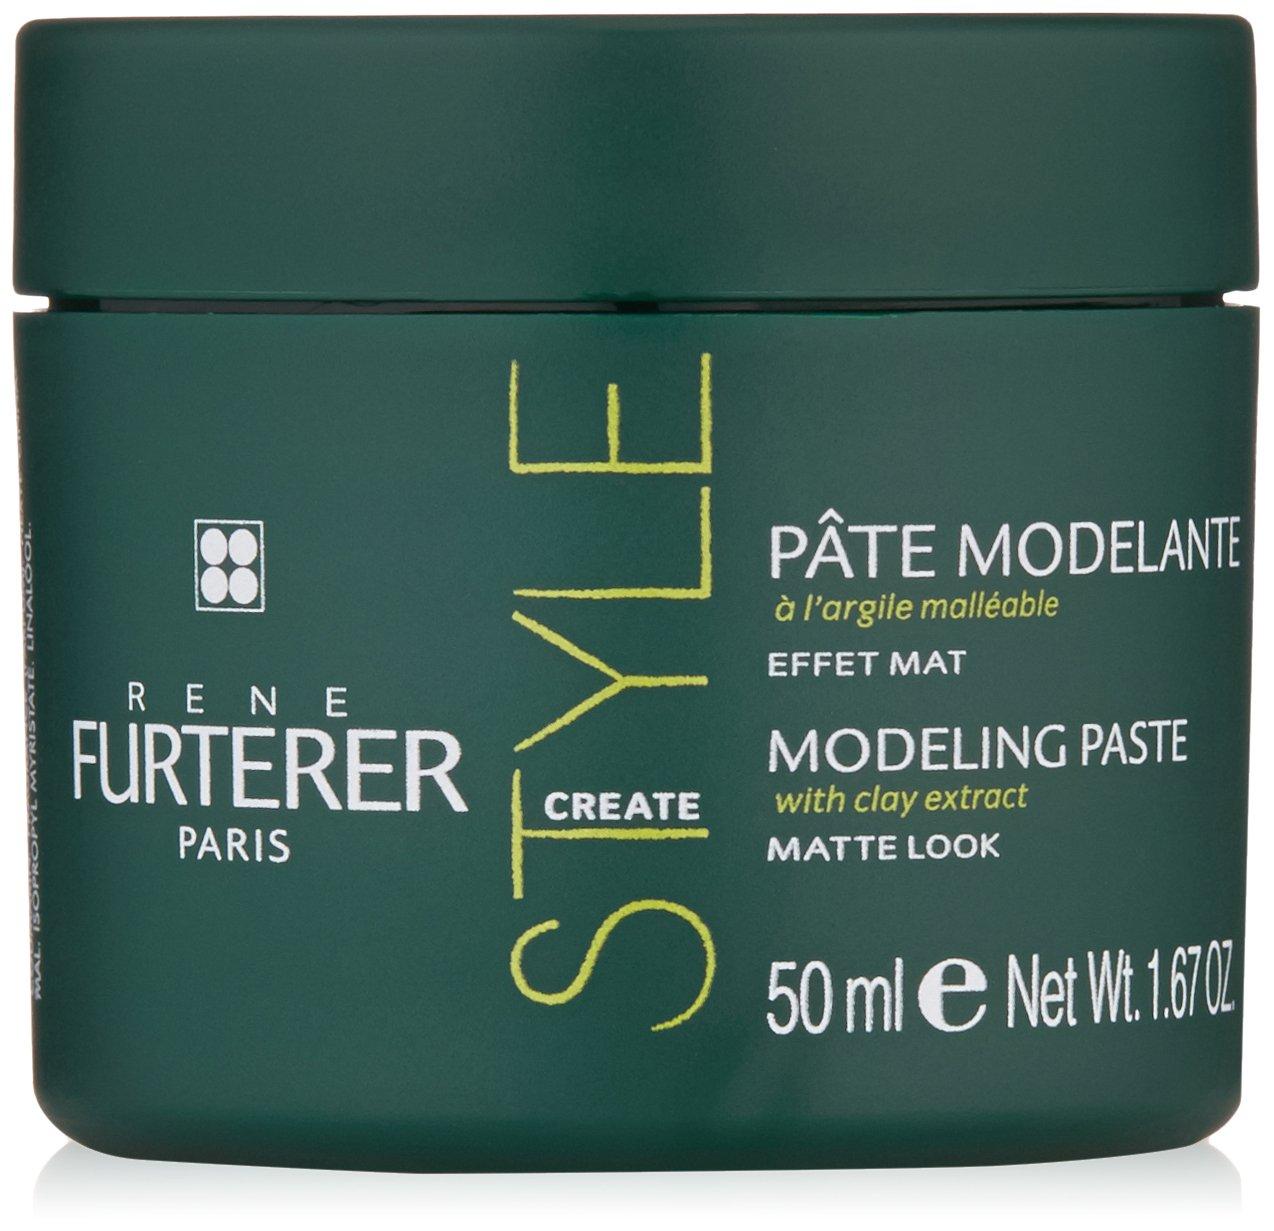 Rene Furterer STYLE Modeling Paste, Long Lasting Hold, Texturizing, Matte Finish,  1.6 oz. by Rene Furterer